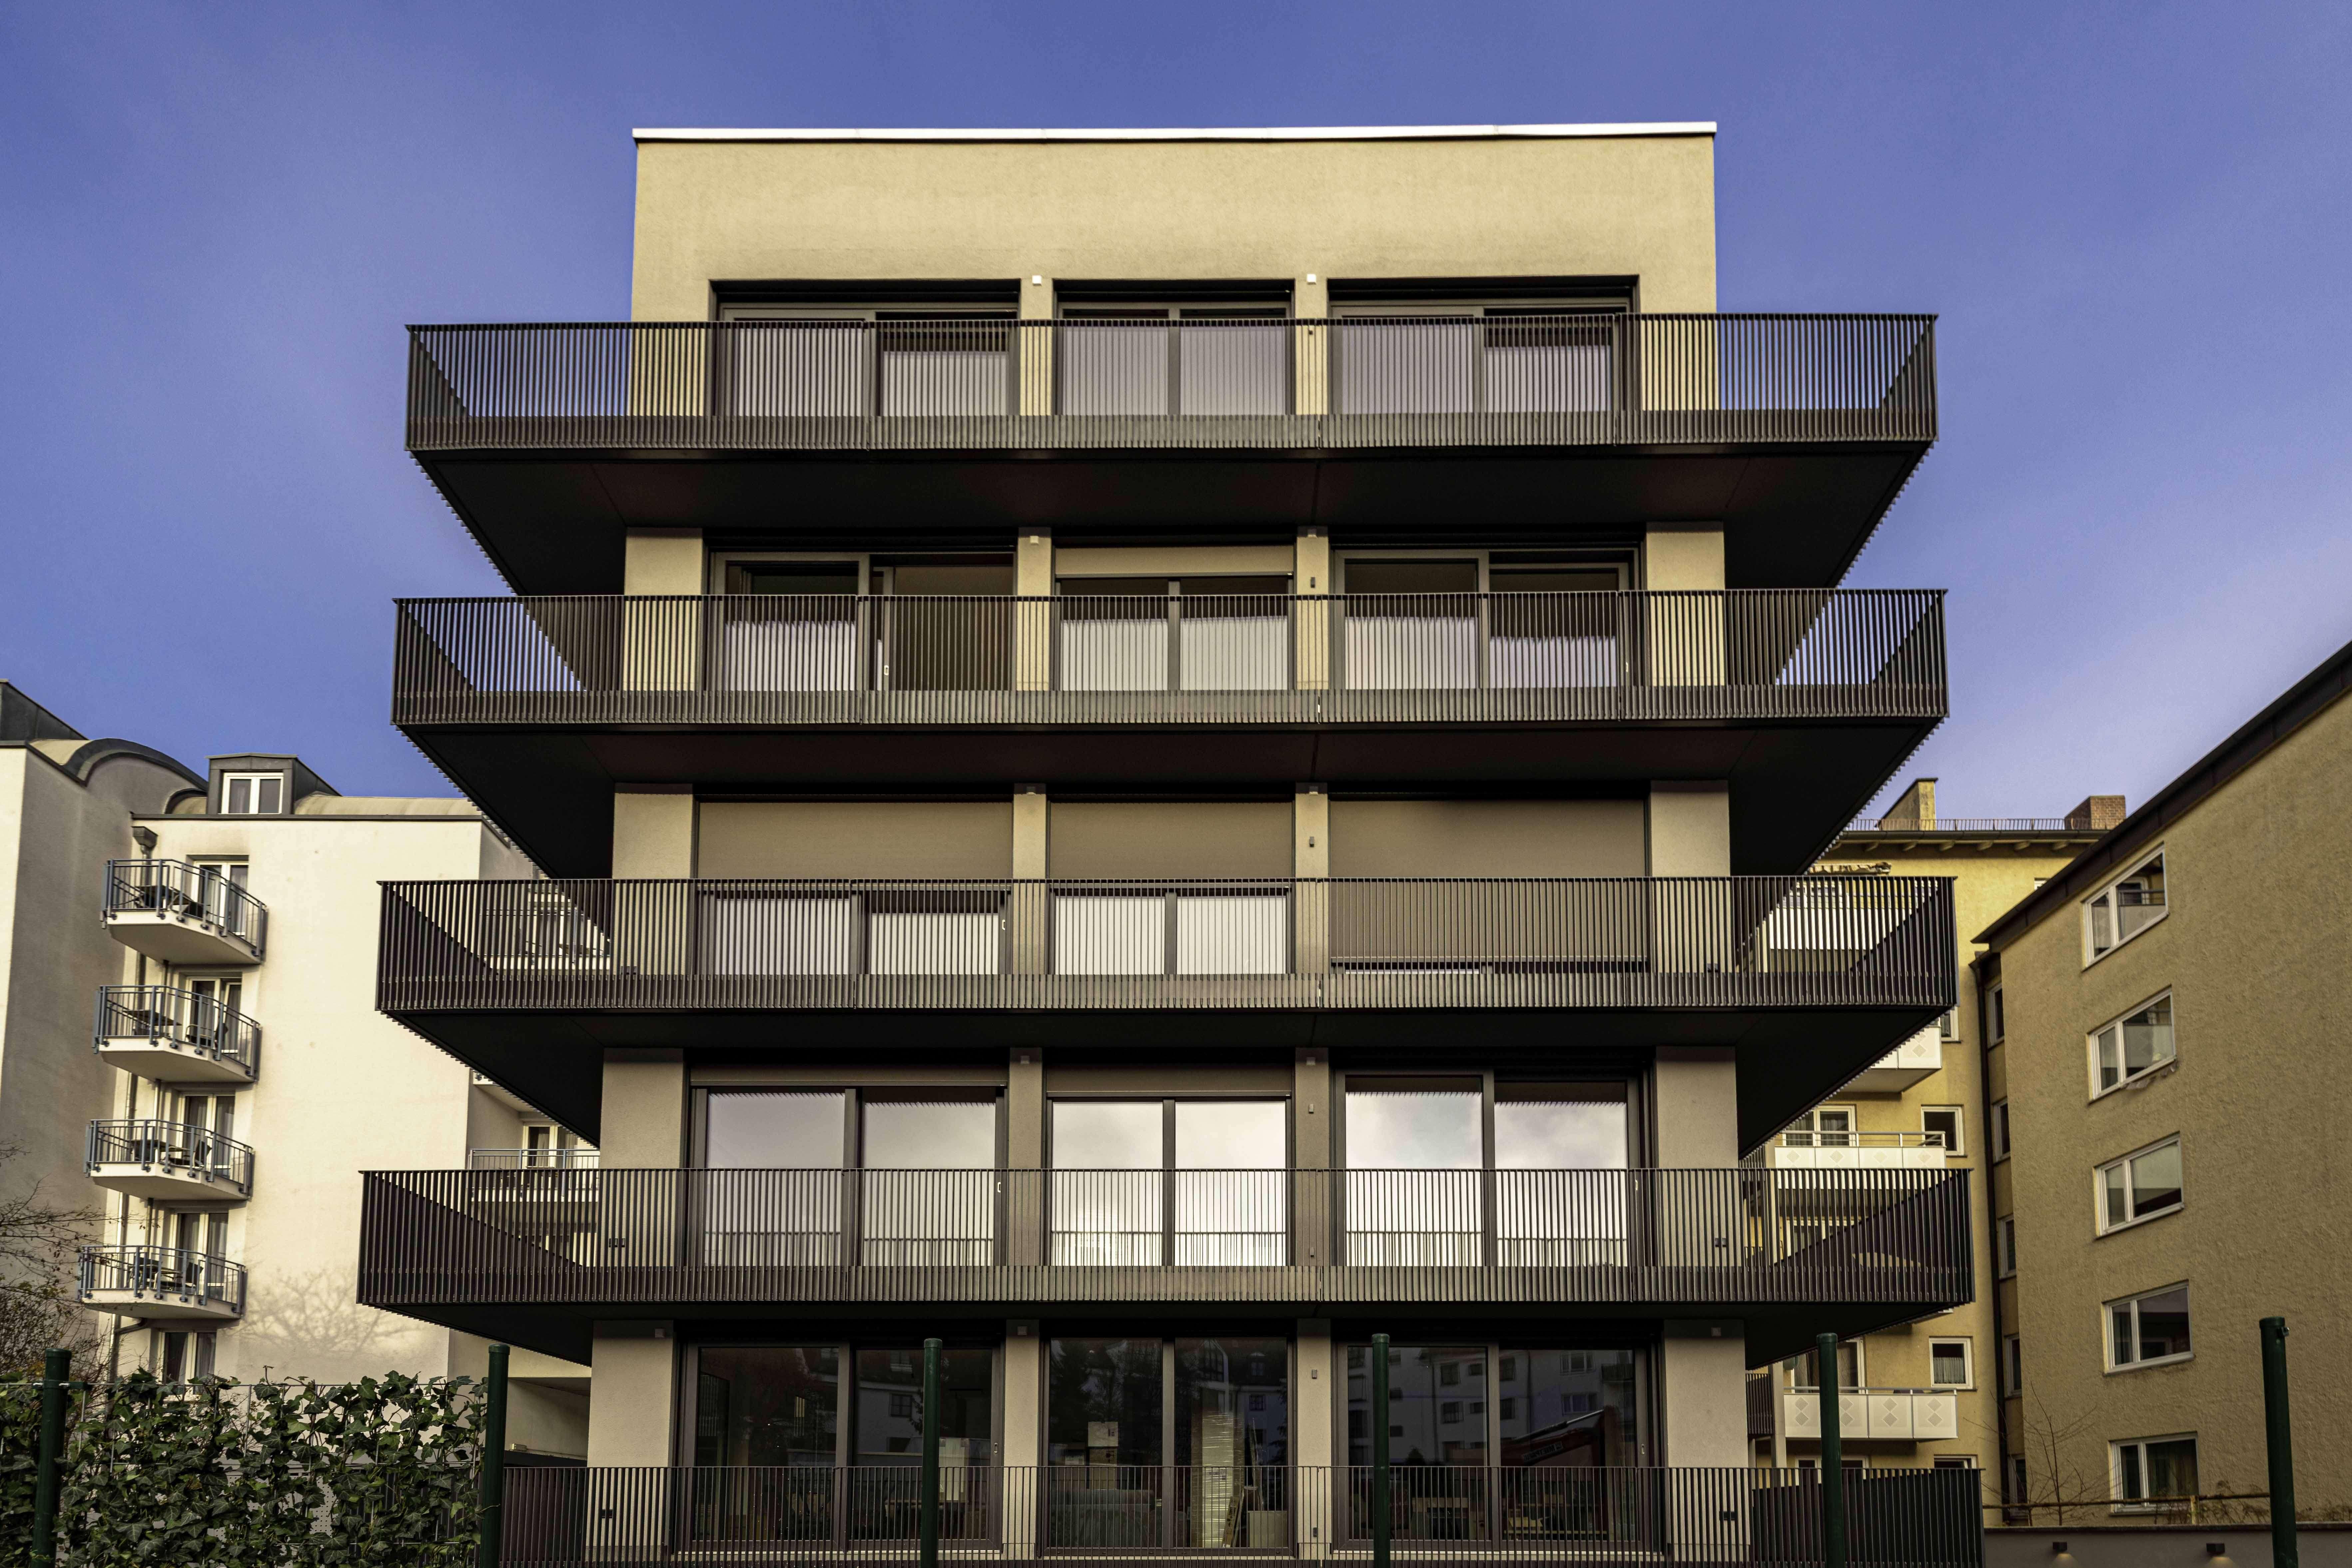 NEUBAU 3-Zimmer - teilmöbliert in München-Neuhausen in Neuhausen (München)